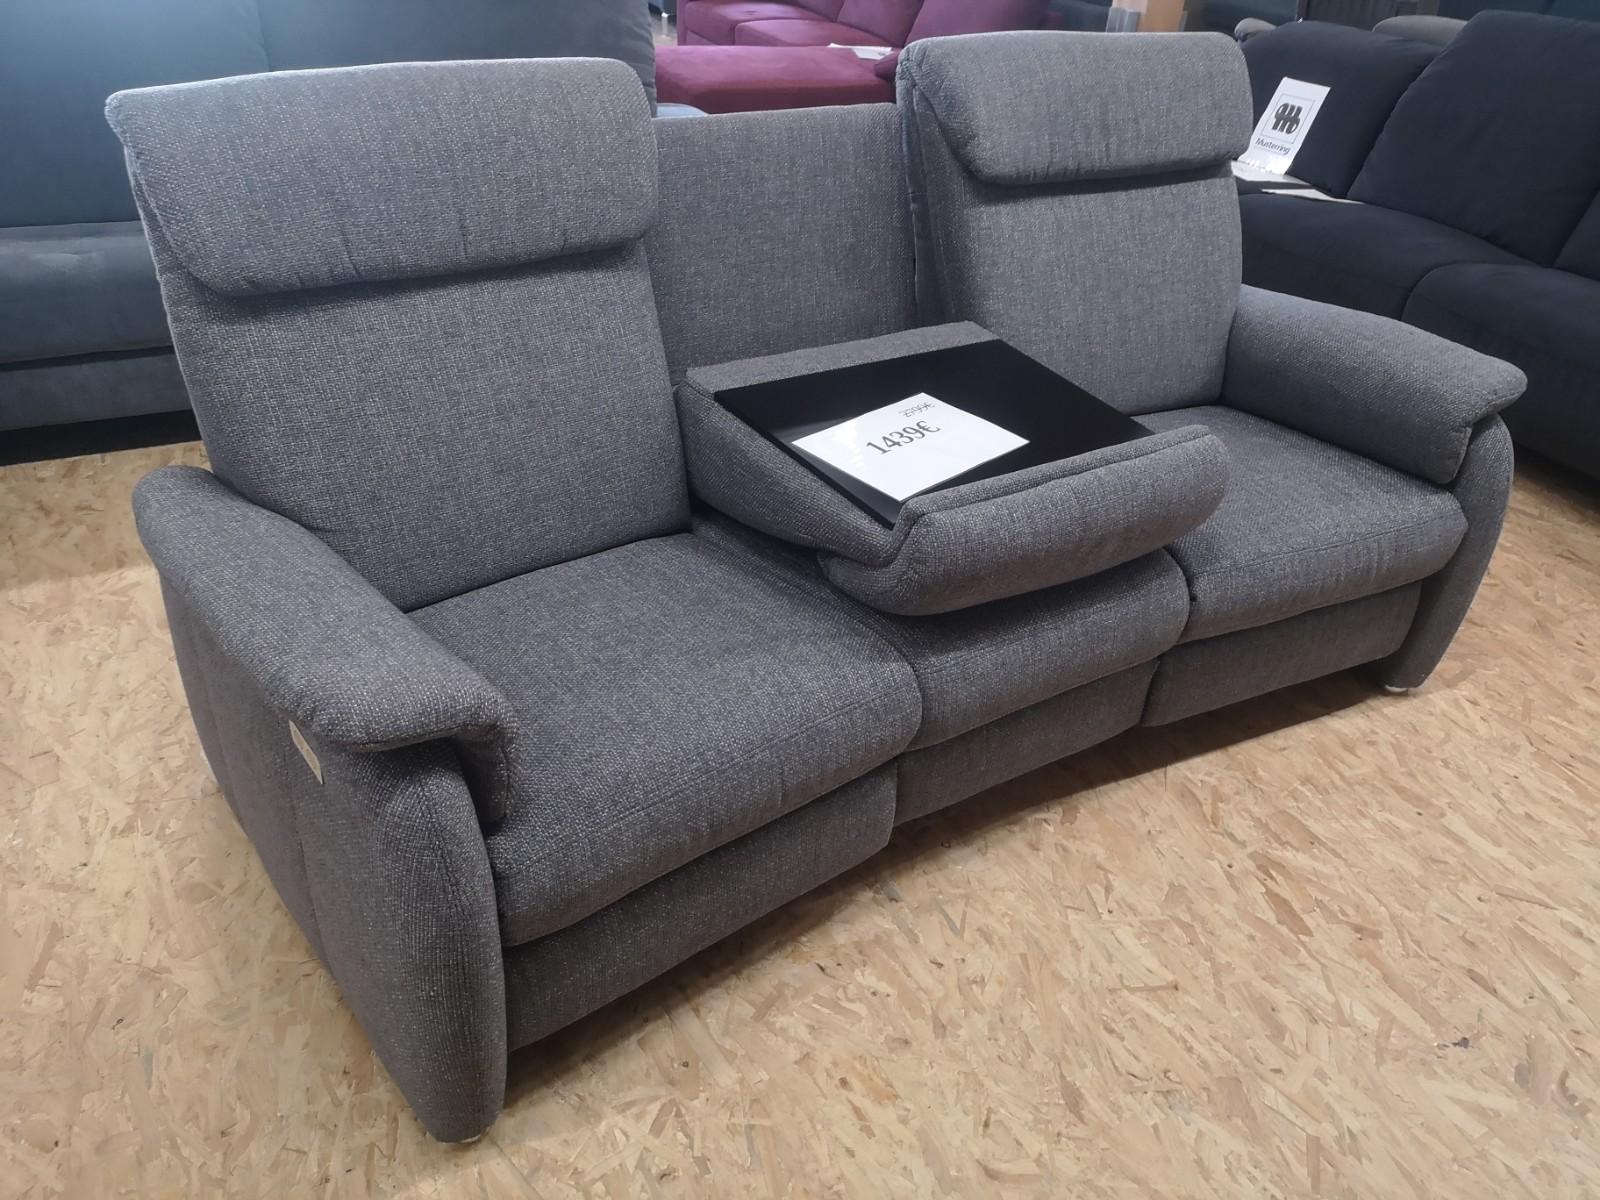 Full Size of Sofa Mit Relaxfunktion Elektrisch 3 Sitzer Couch Elektrische Ecksofa Verstellbar 2 Elektrischer 5 Leder 3er Sitztiefenverstellung Test Zweisitzer 2er Barock Sofa Sofa Mit Relaxfunktion Elektrisch